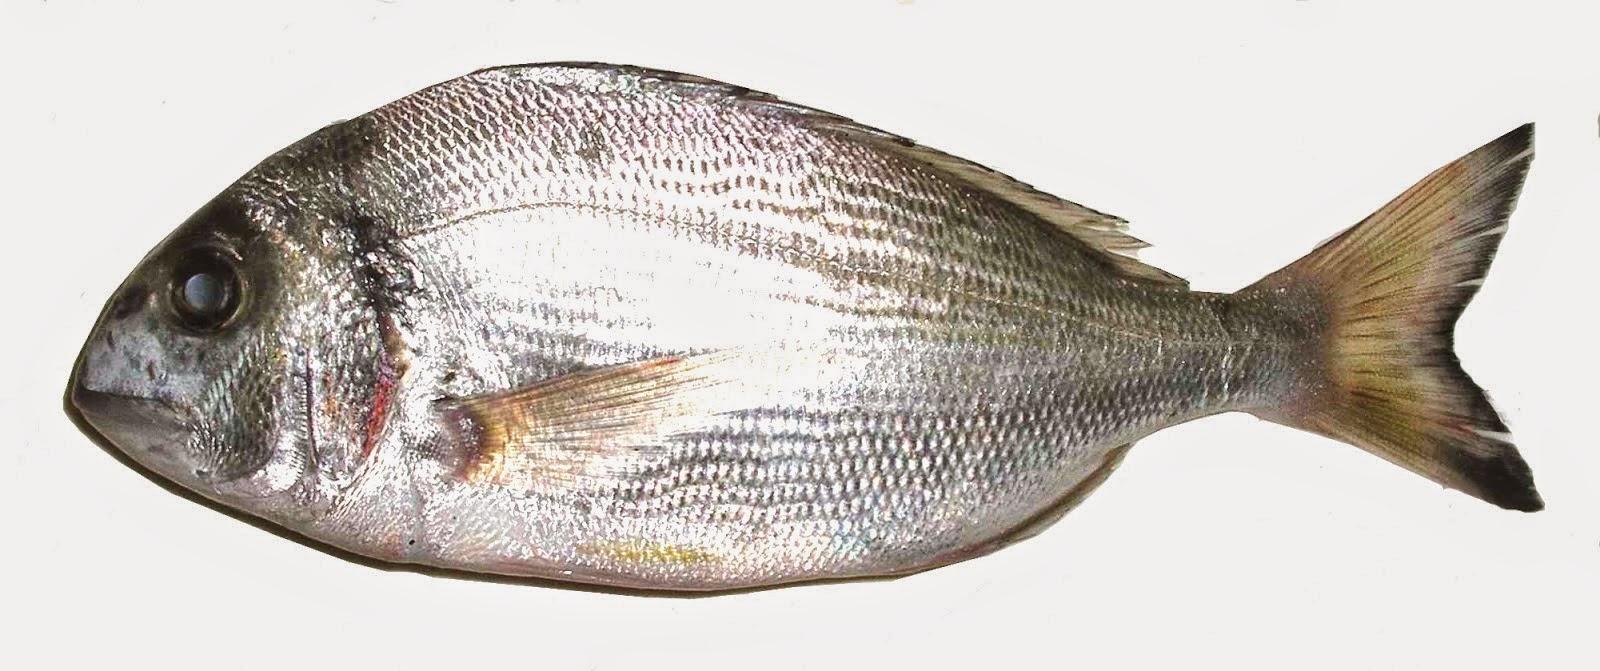 Balık tüylü kebaplar için en iyi tarifi seçme